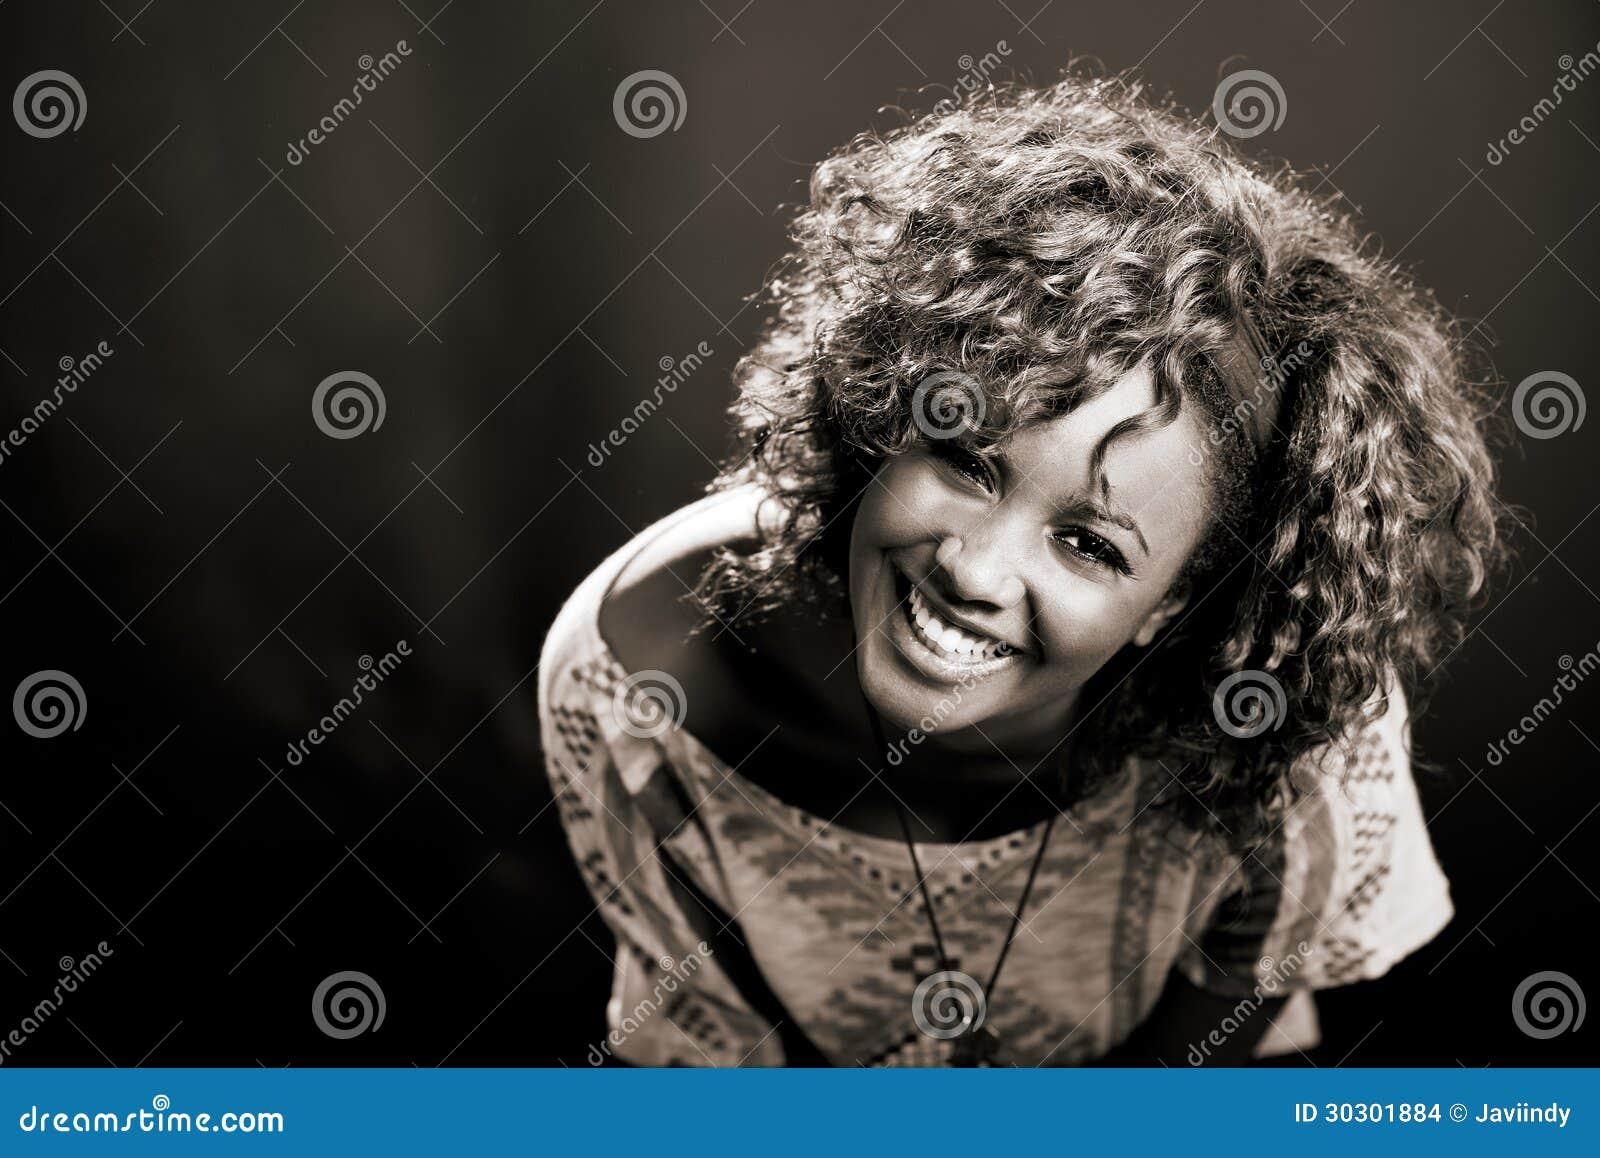 Bella donna di colore su fondo nero. Colpo dello studio